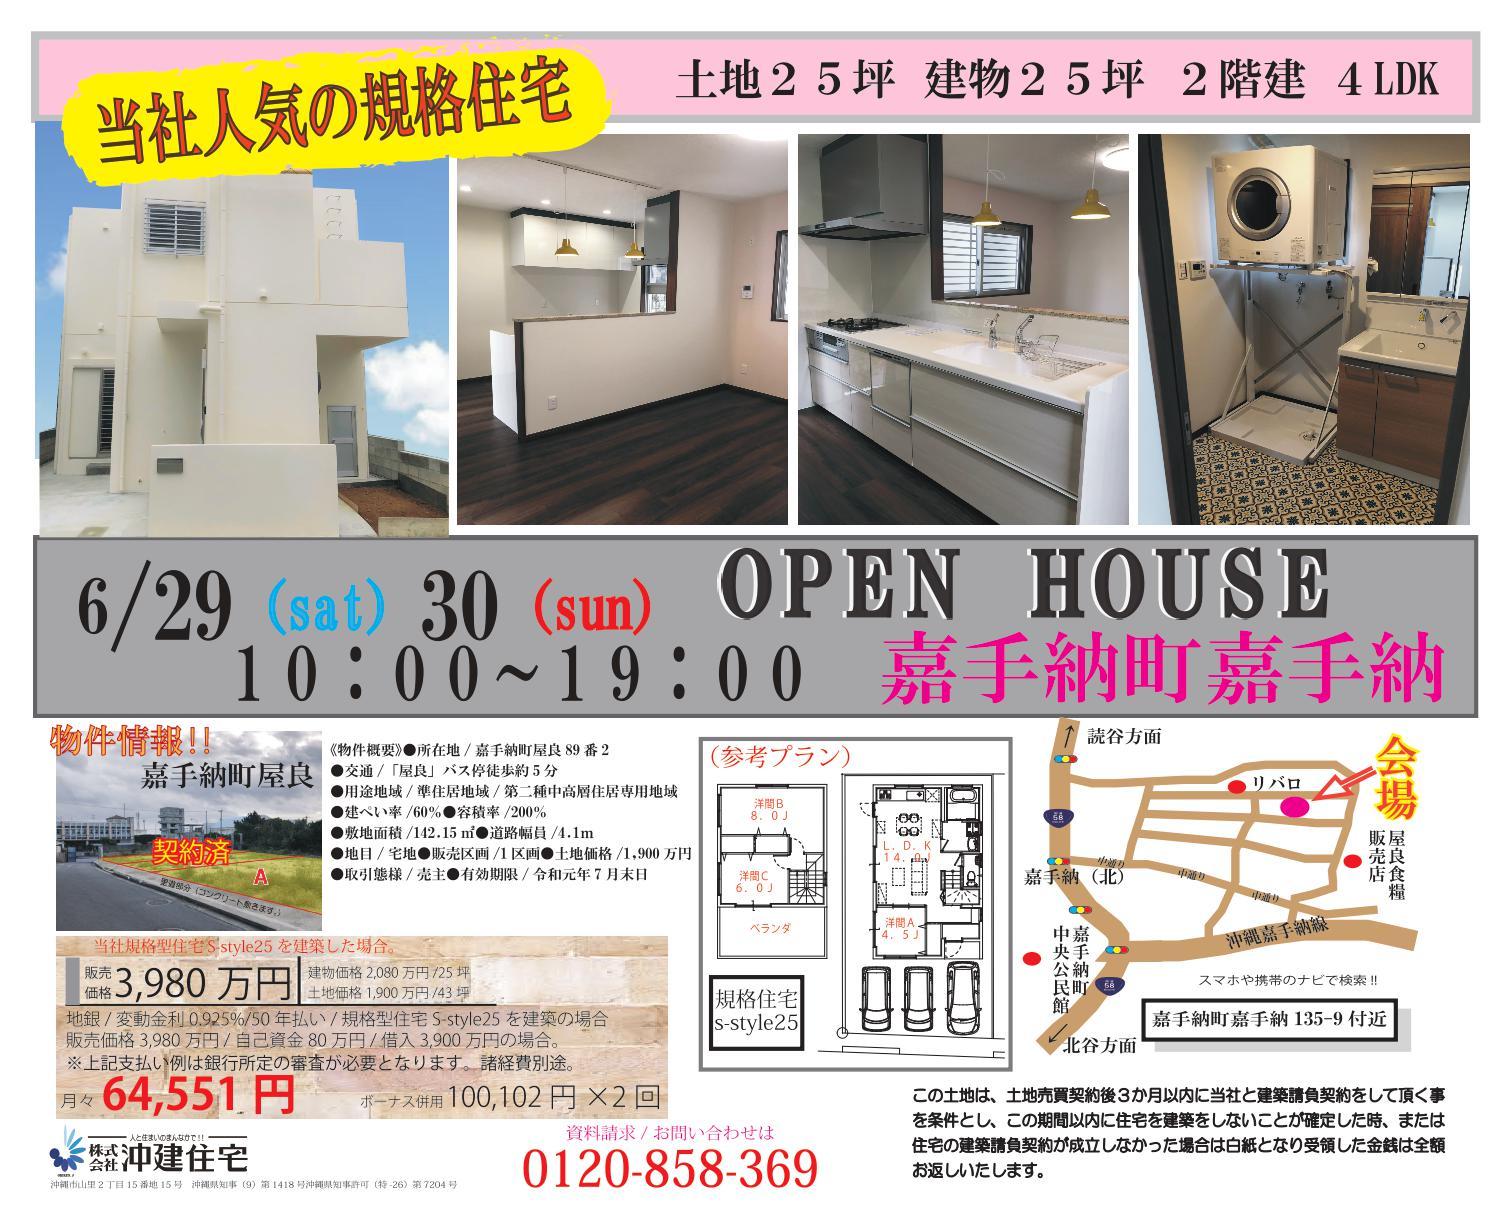 嘉手納町嘉手納にて【Sスタイル25】オープンハウス&無料住宅相談会を開催!